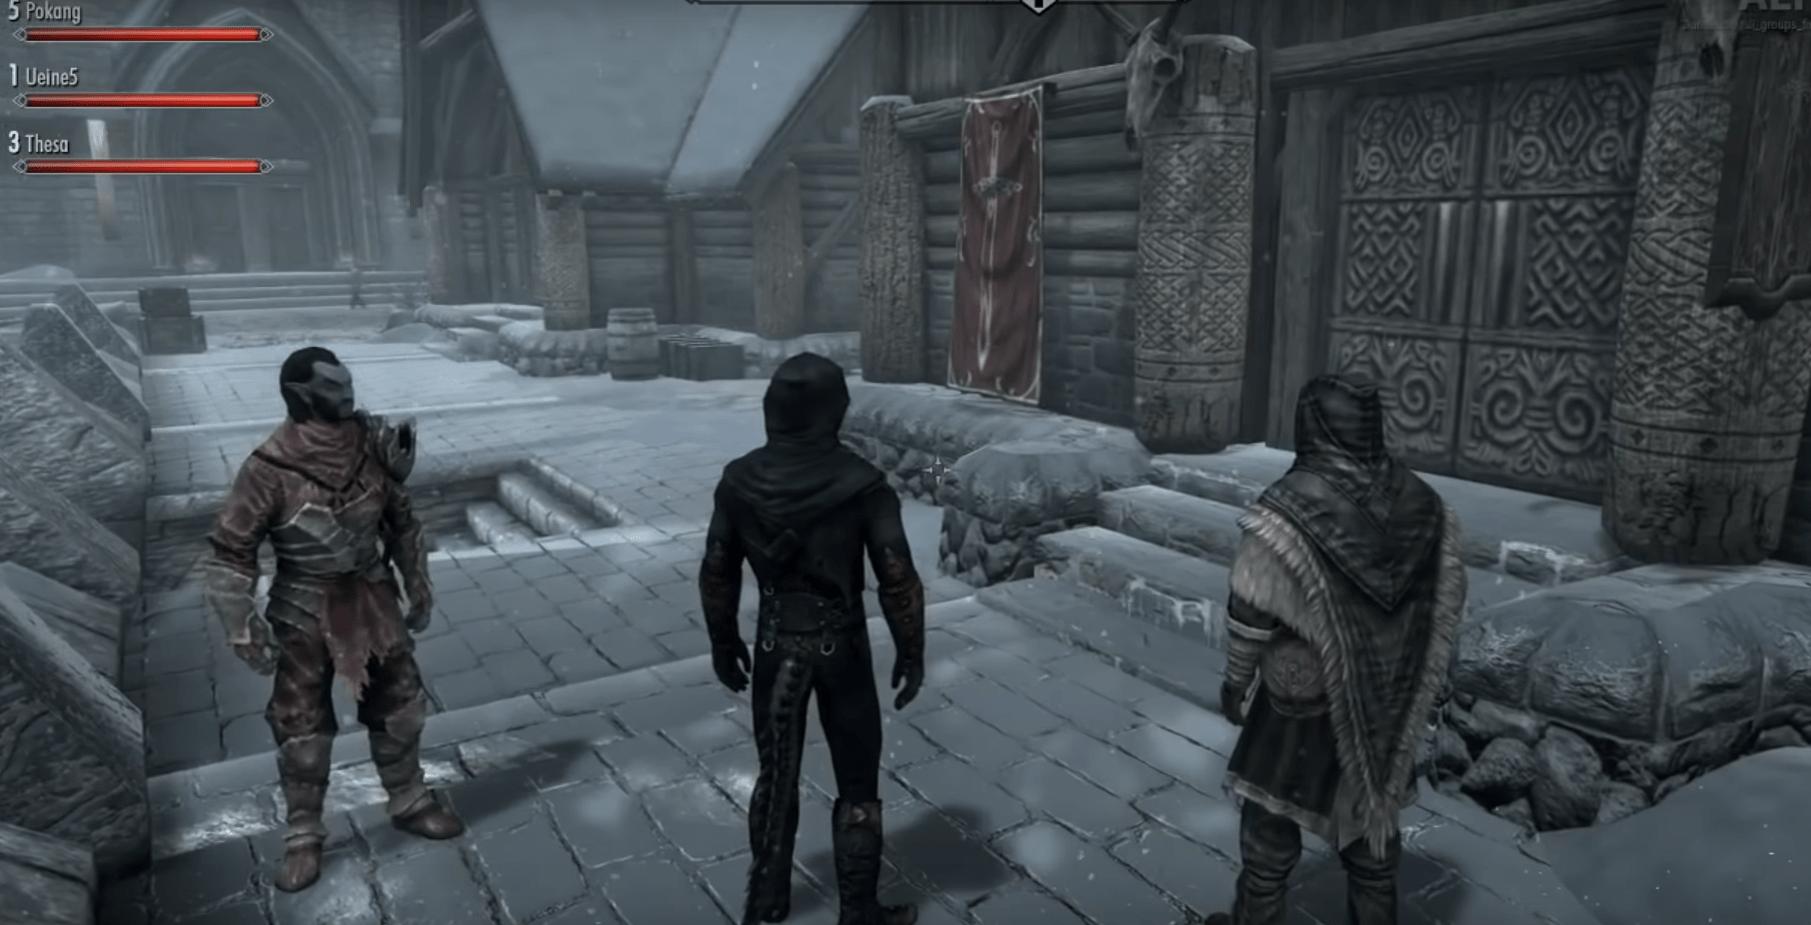 Команда моддеров готовит бета-тестирование мультиплеера для Skyrim